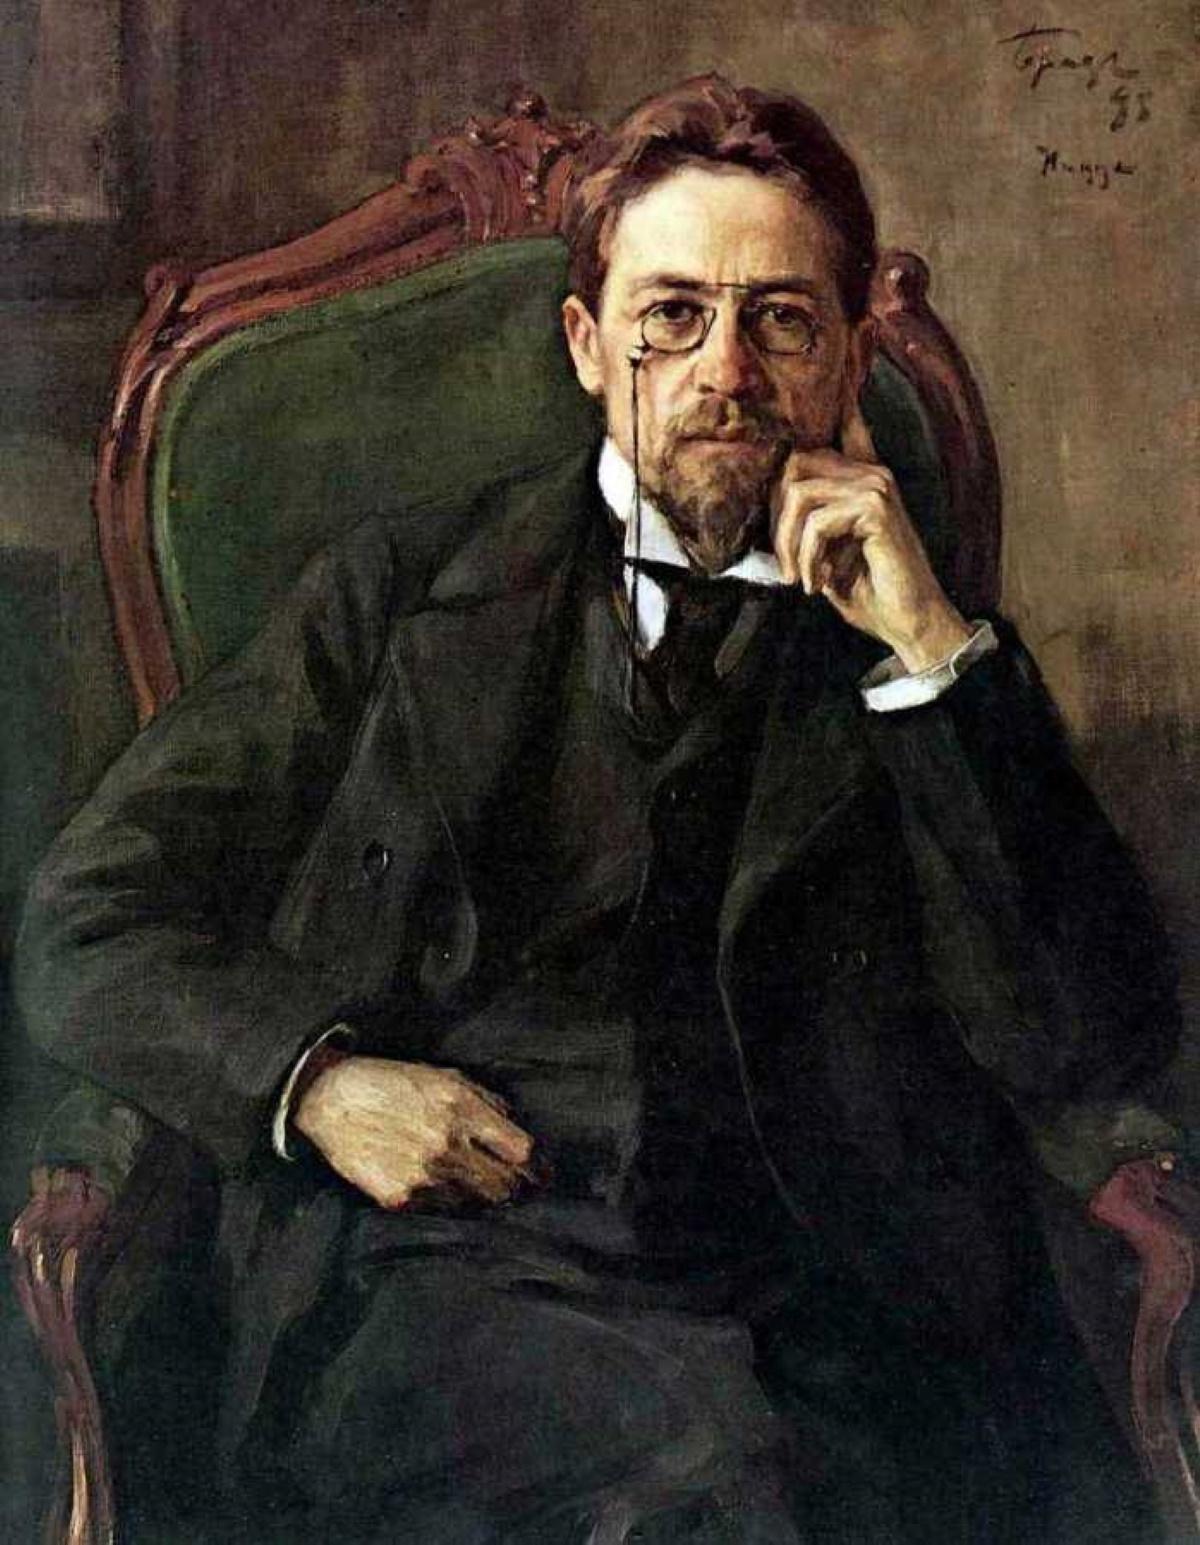 Единственный прижизненный законченный портрет классика русской литературы - творение художника Осипа Браза